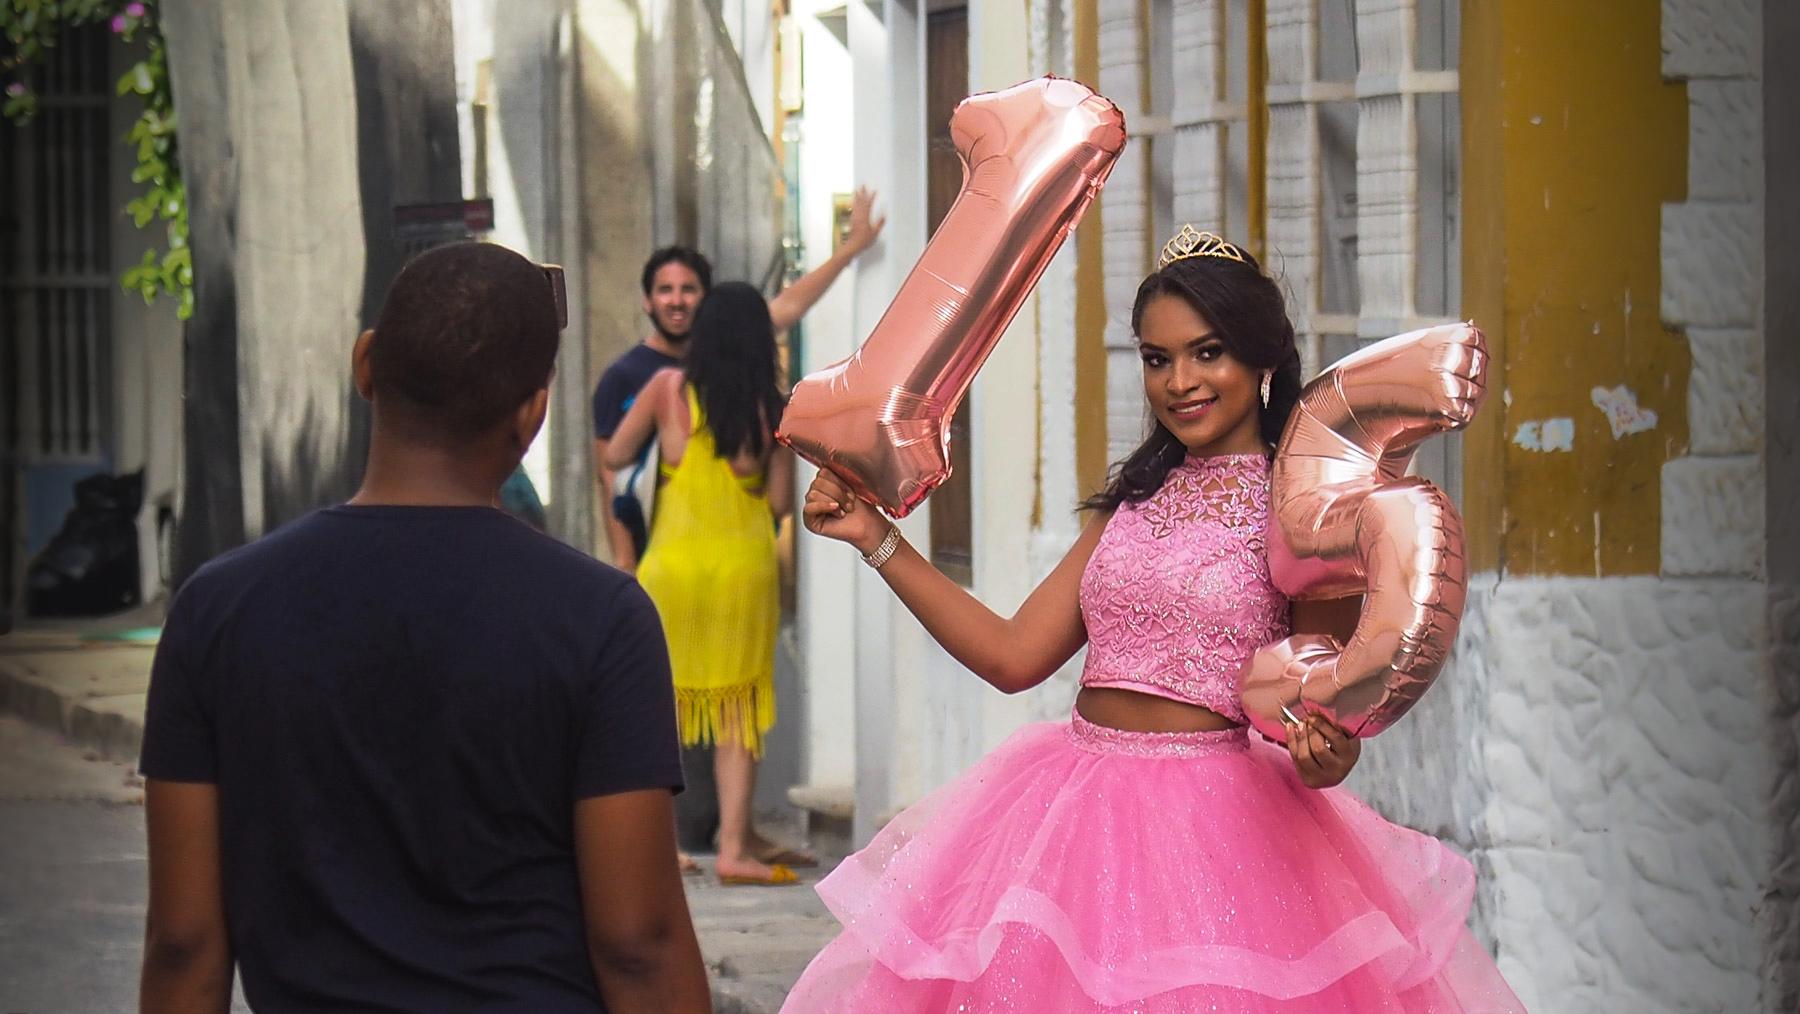 Quinceanera, ein großes Fest für die 15jährigen Mädchen